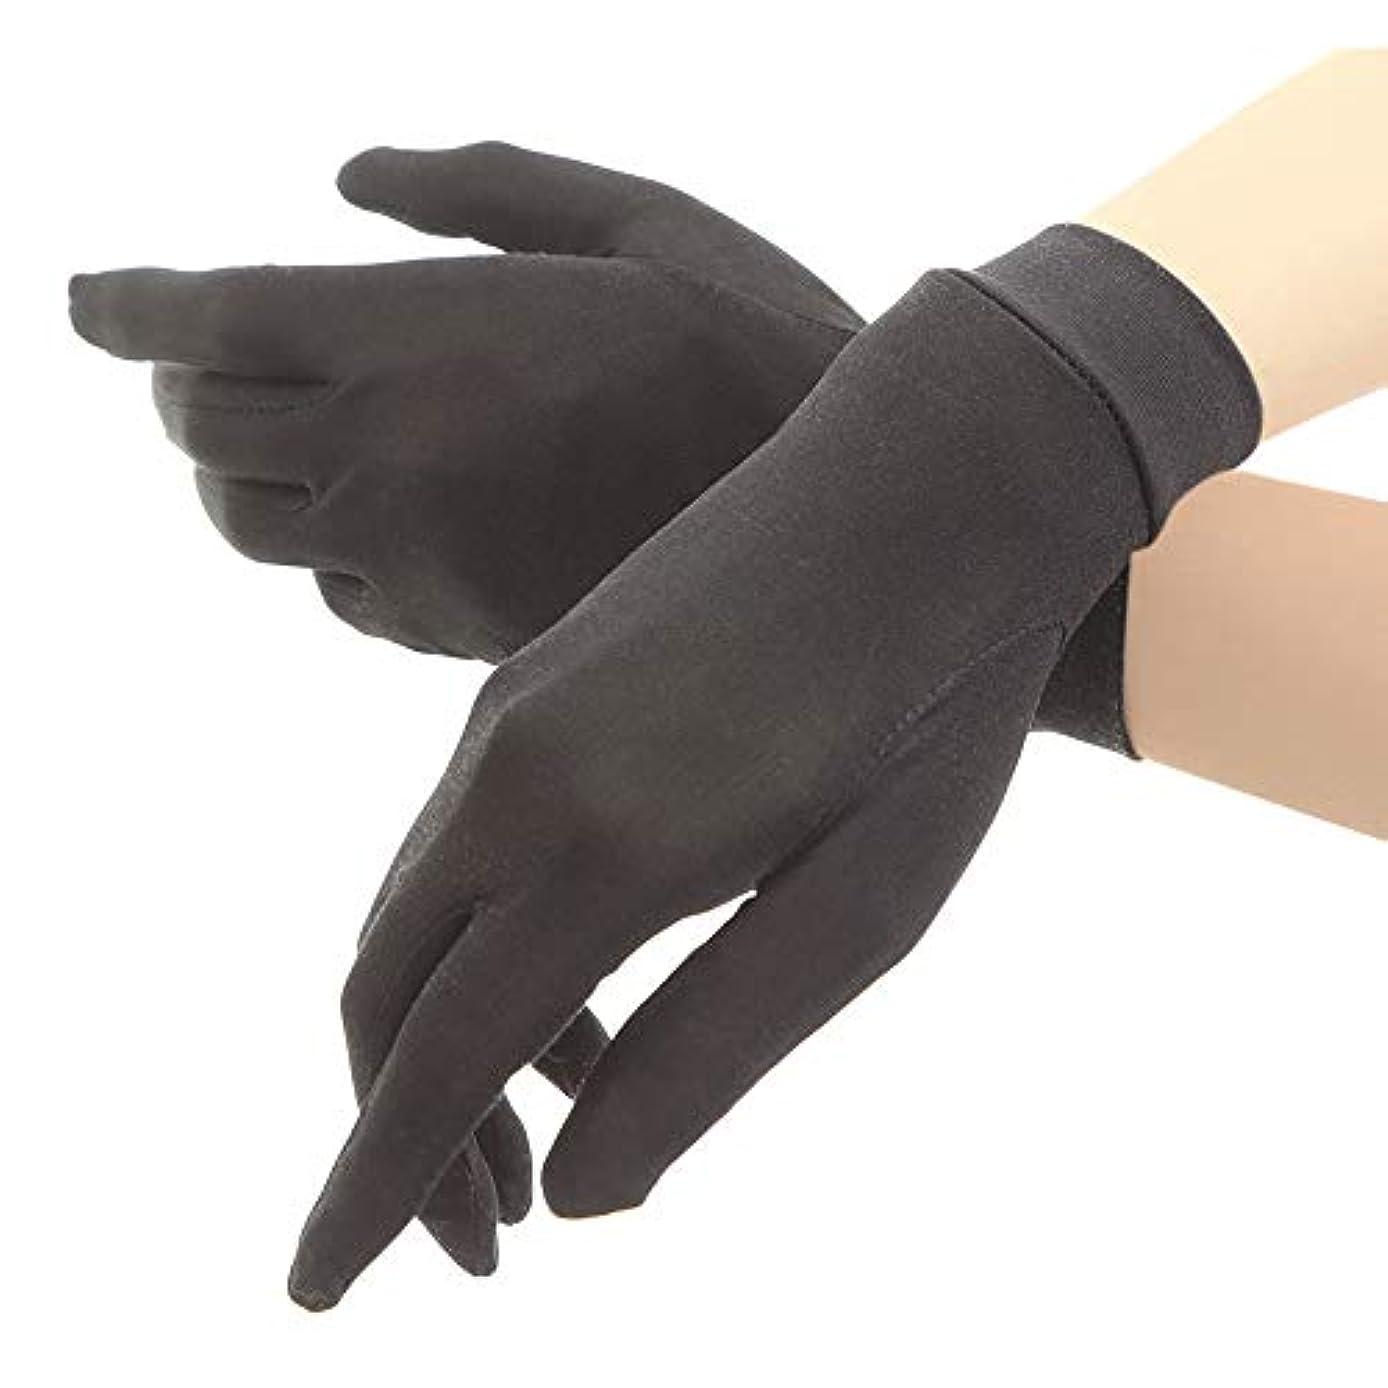 スリラー予測子ウィンクシルク手袋 レディース 手袋 シルク 絹 ハンド ケア 保湿 紫外線 肌荒れ 乾燥 サイズアップで手指にマッチ 【macch】